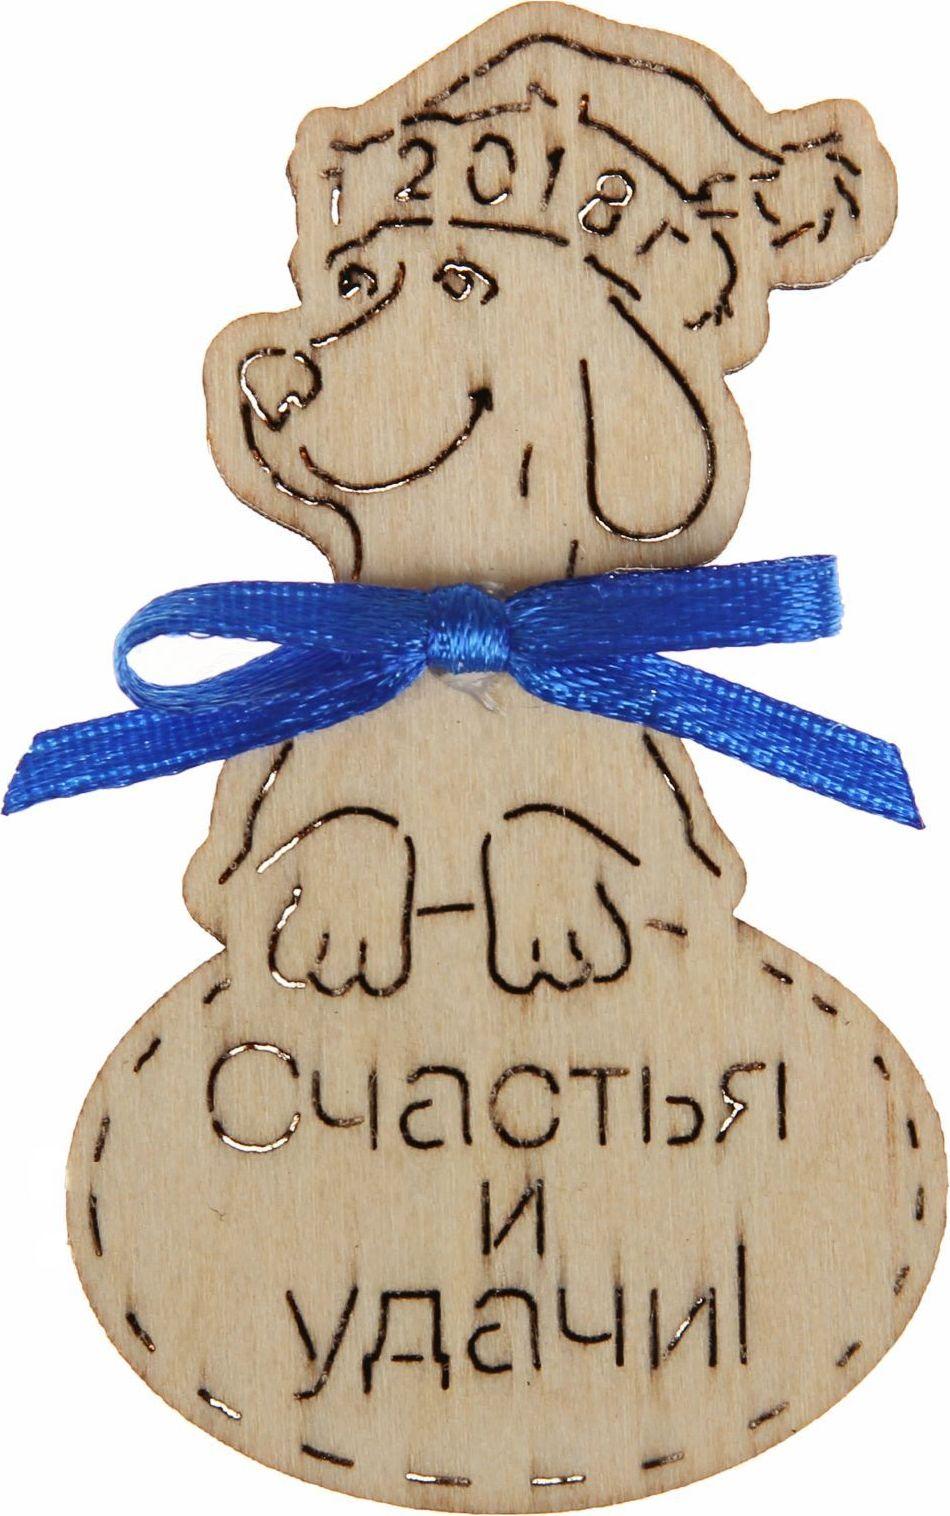 Магнит Канышевы Счастья и удачи. С собакой, 4 х 6 см2570630Порадуйте родных и близких оригинальным сувениром: преподнесите в подарок магнит. С ним даже самый серьёзный человек почувствует себя ребёнком, ожидающим чудо!Создайте праздничное настроение, и оно останется с вами на весь год.